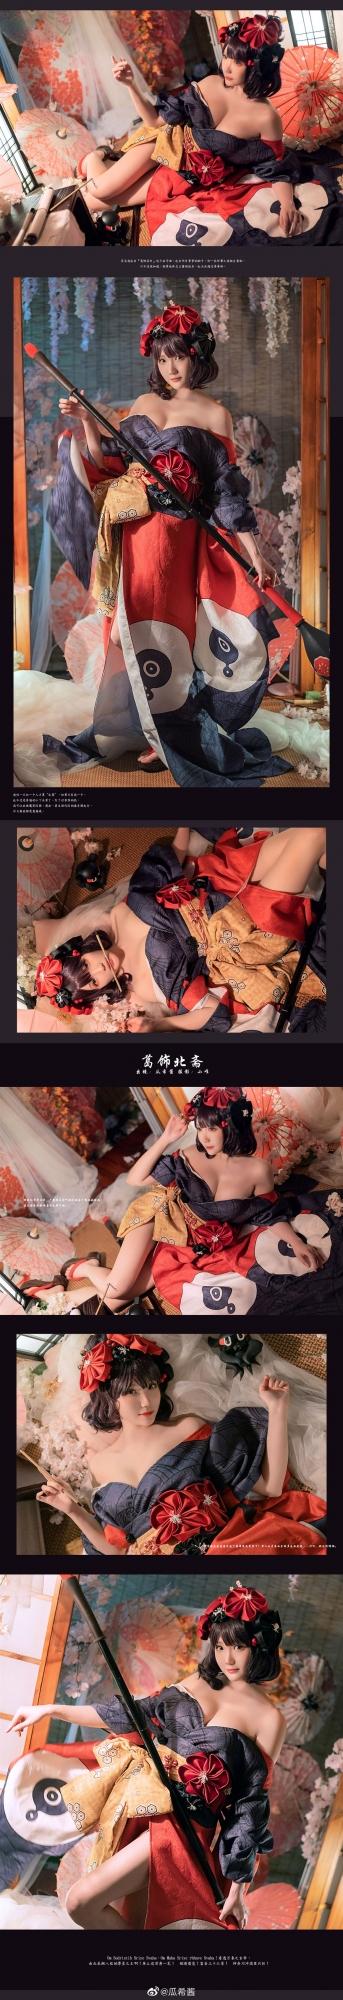 FGO葛饰北斋超美Cosplay美图【CN:瓜希酱】 (9P)-第9张